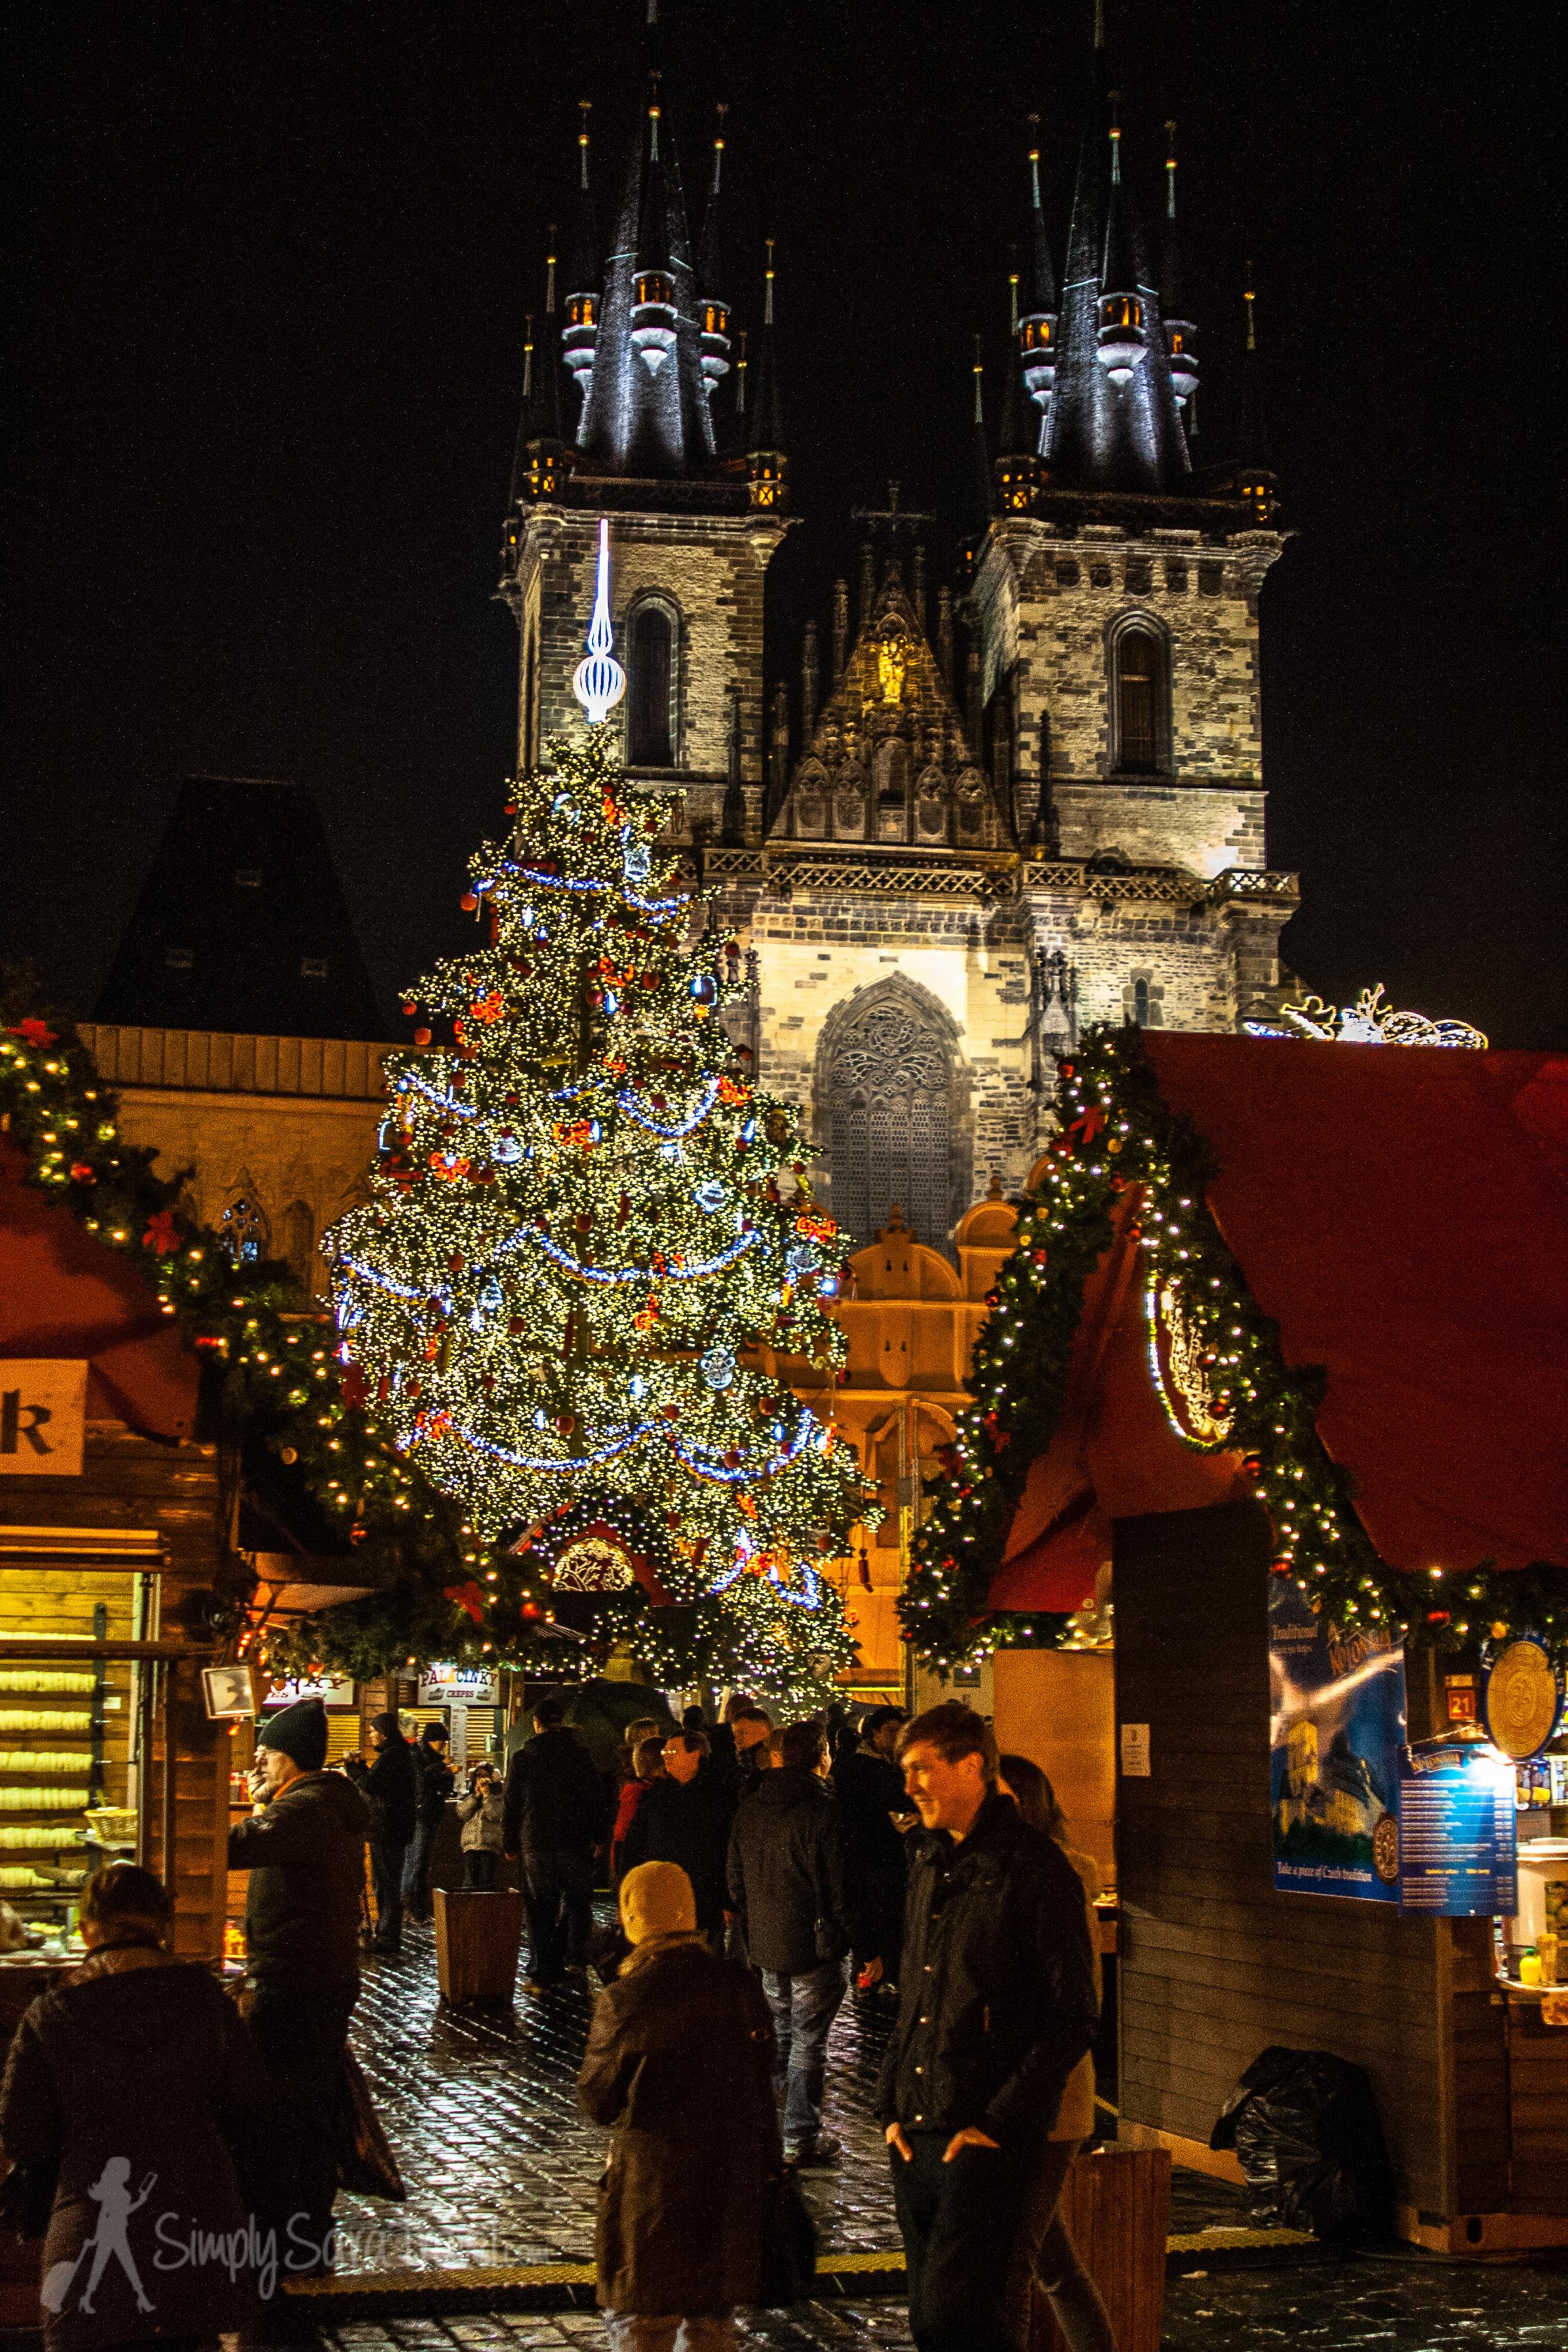 Prague wearing its Christmas best inStaroměstské náměstí (Old Town Square)